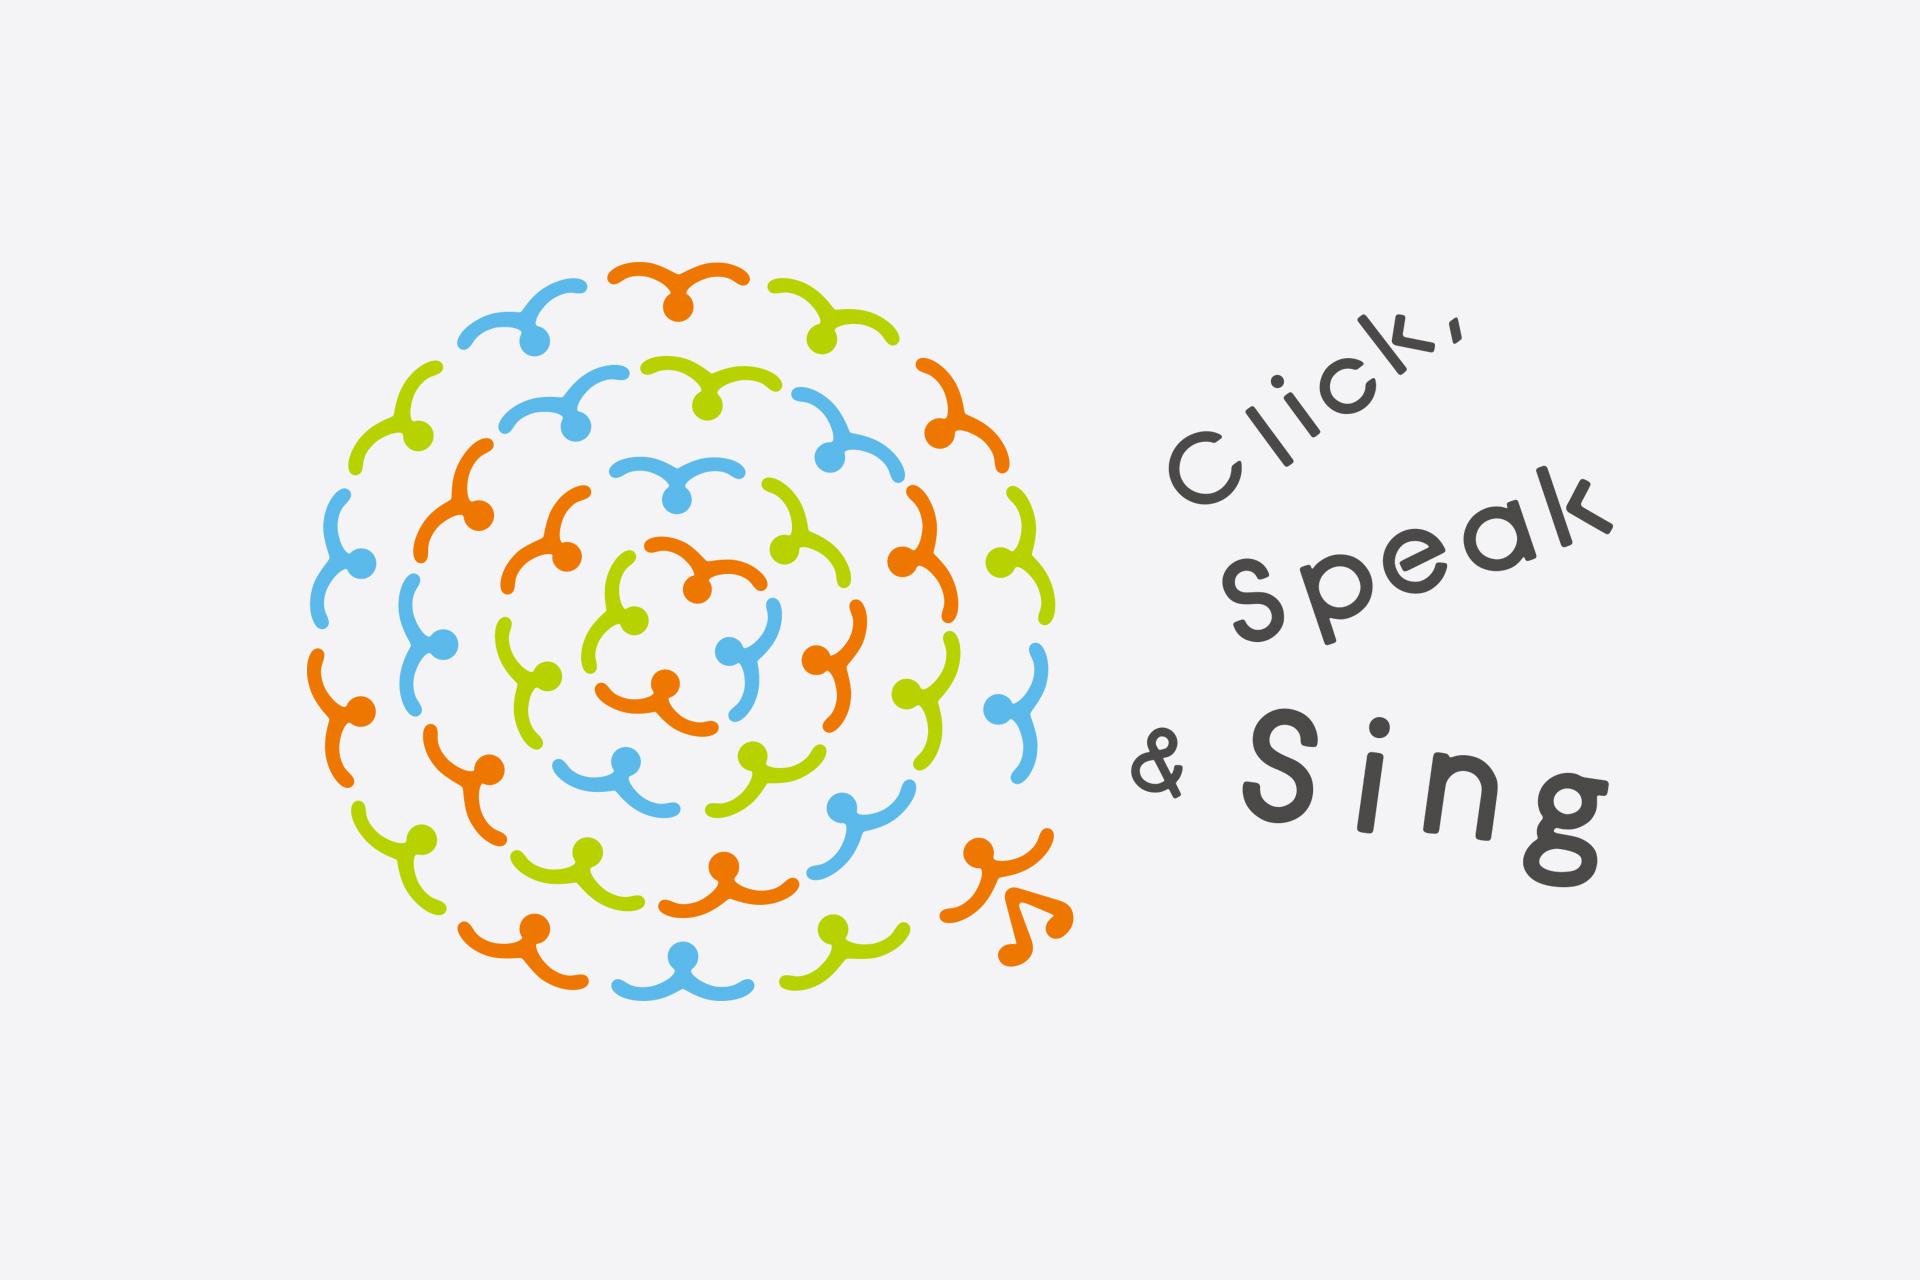 click speak sing room composite